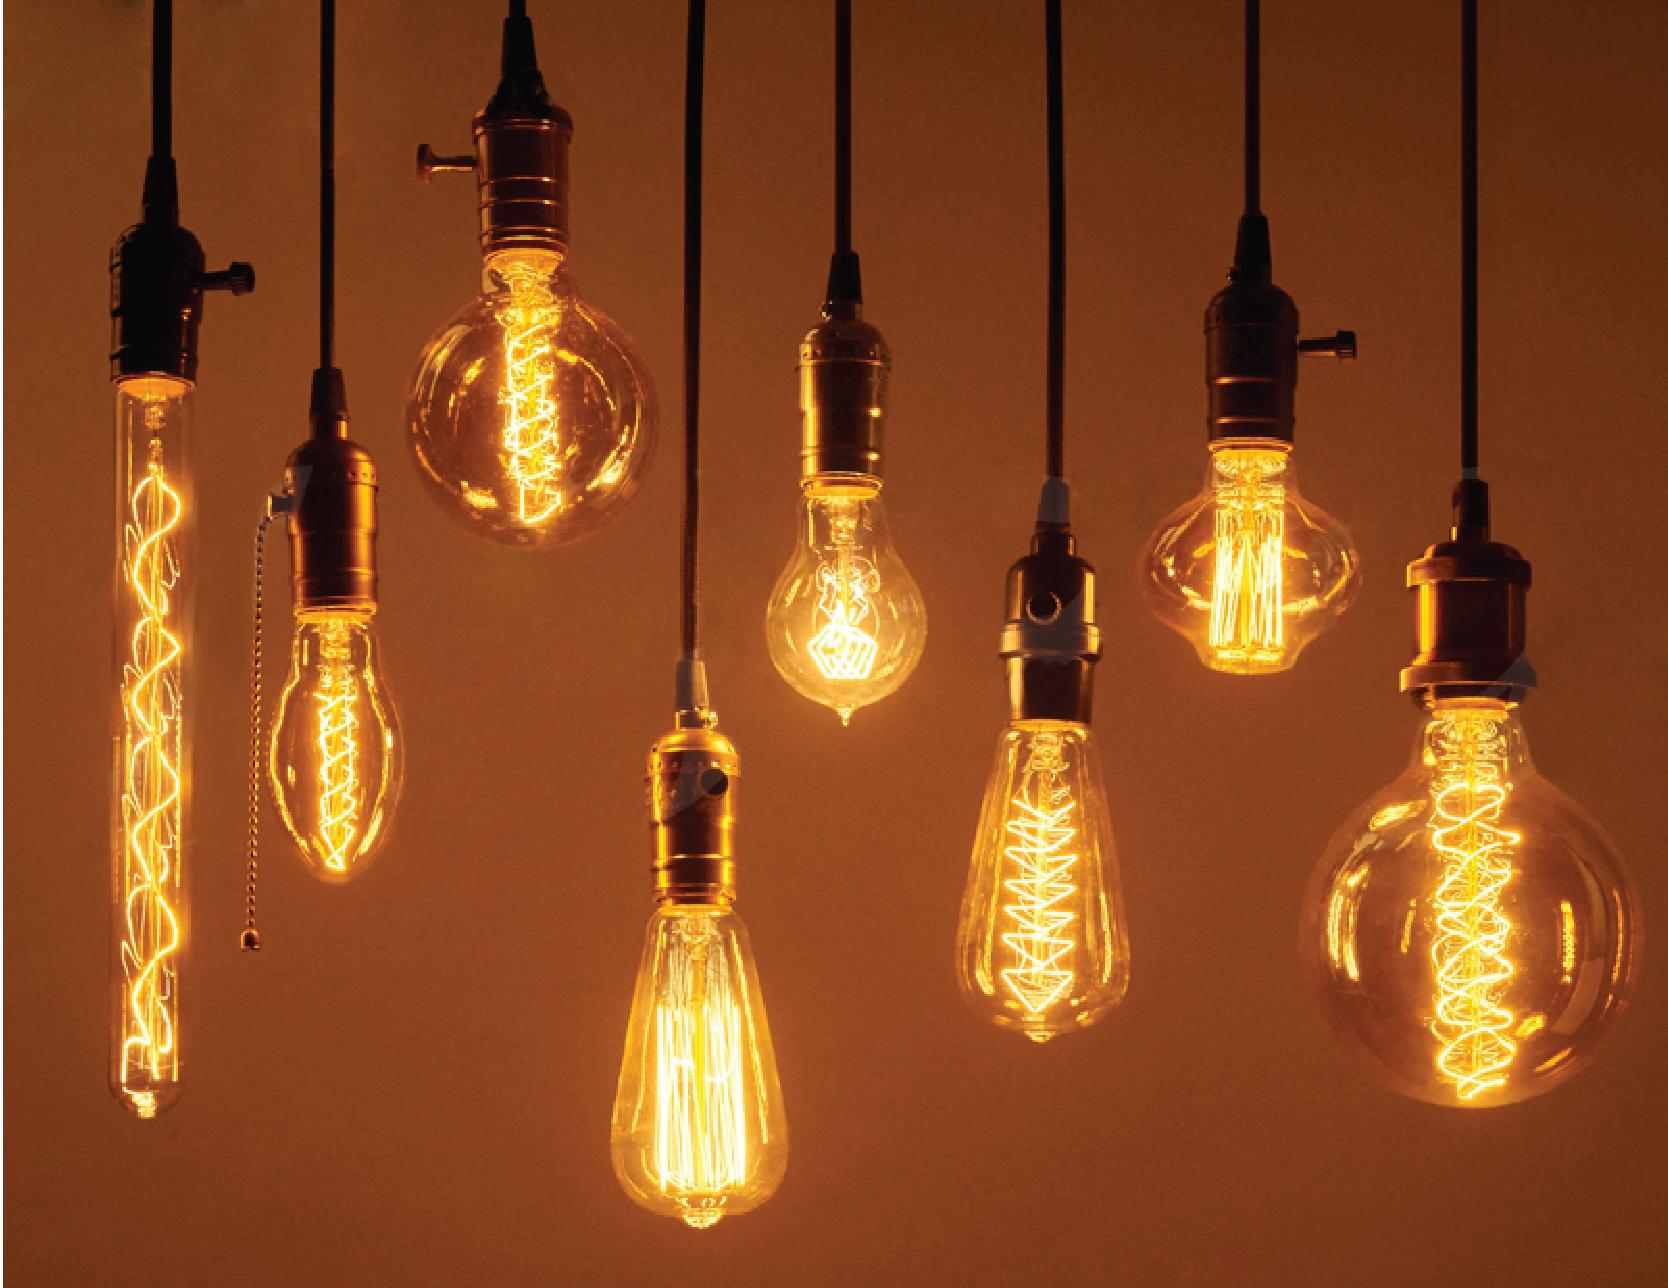 Ứng dụng nhiệt độ nóng chảy để sản xuất bóng đèn